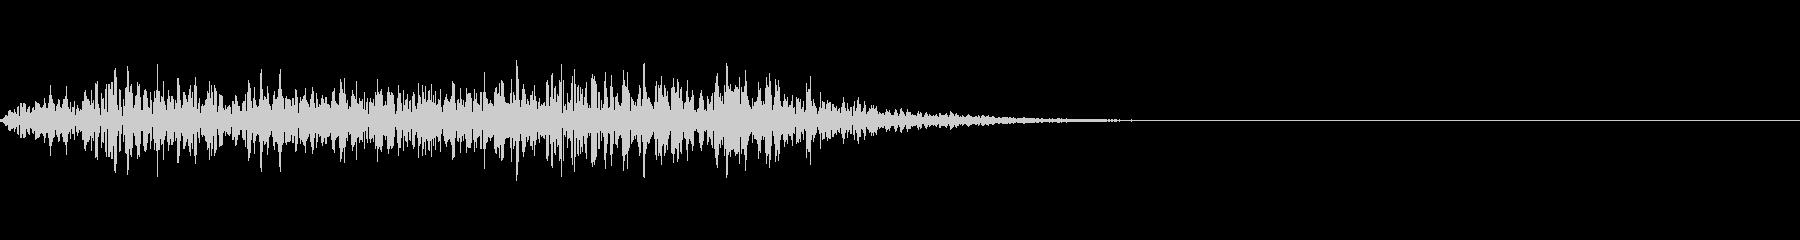 シューッという音EC07_92_2 2の未再生の波形